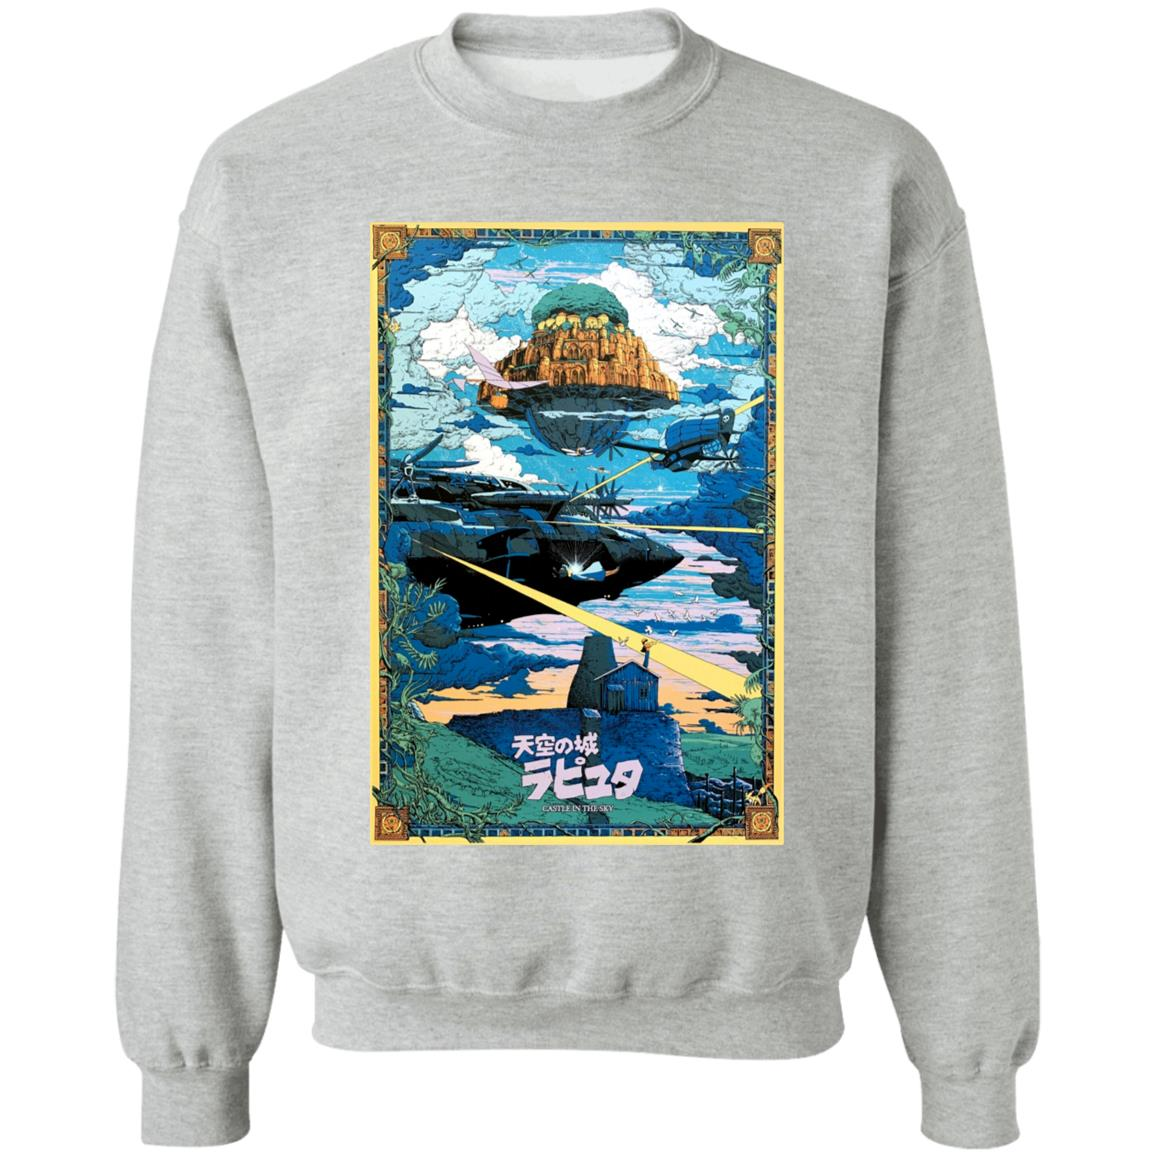 Laputa: Castle In The Sky – War Sweatshirt